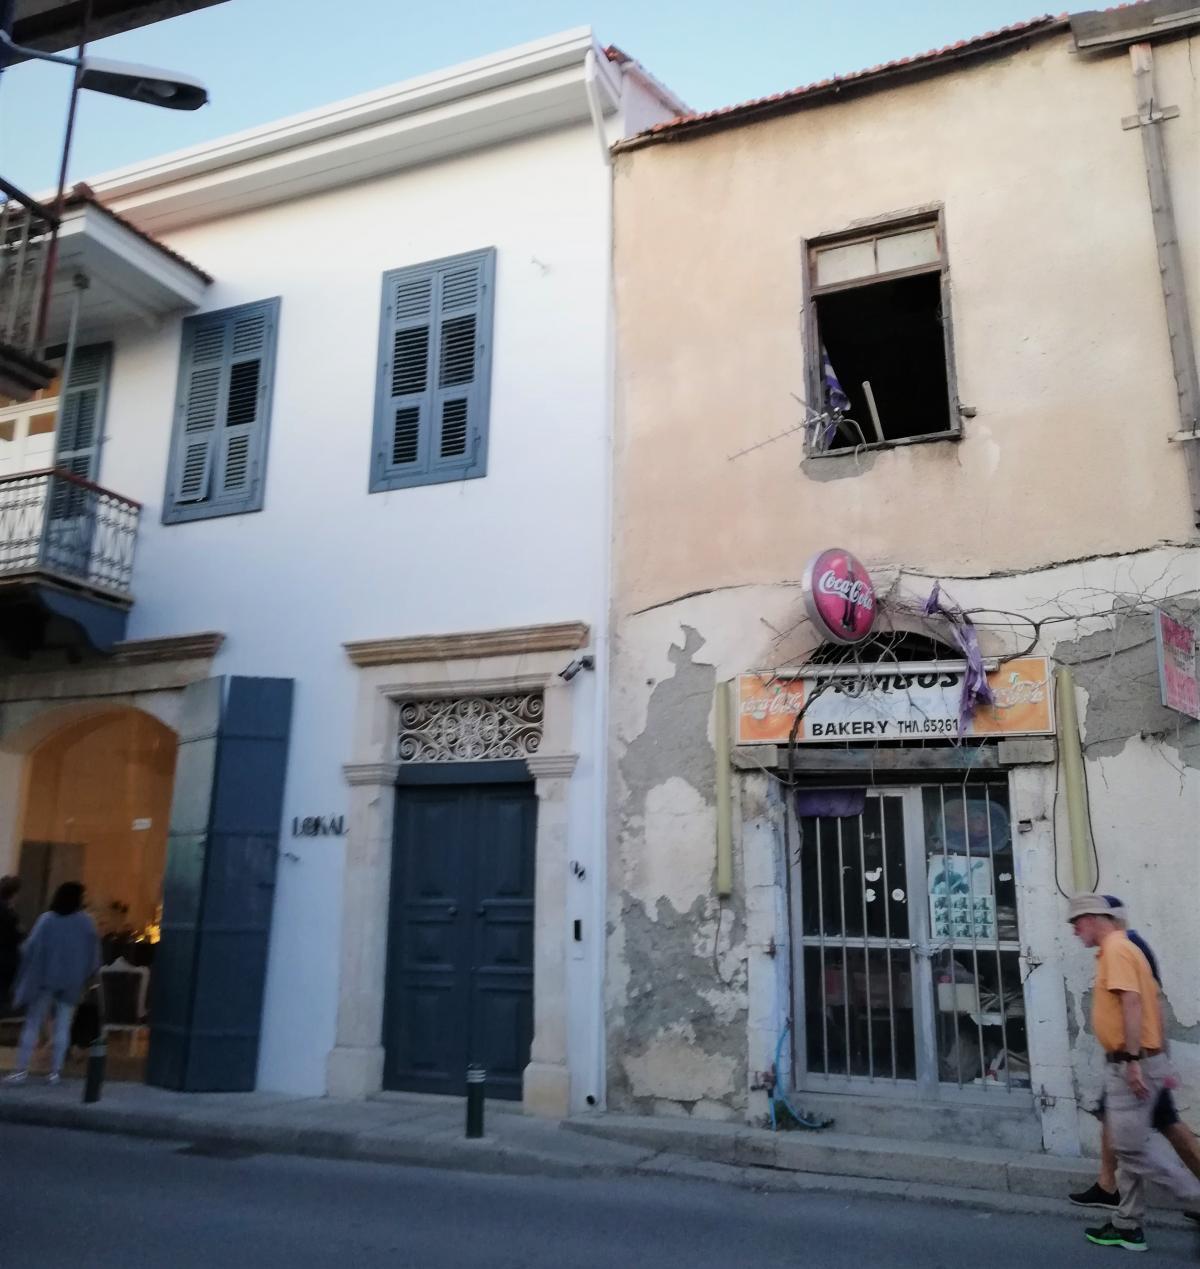 В Ларнаке сейчас активно реновируют жилье - сравните два дома / Фото Марина Григоренко